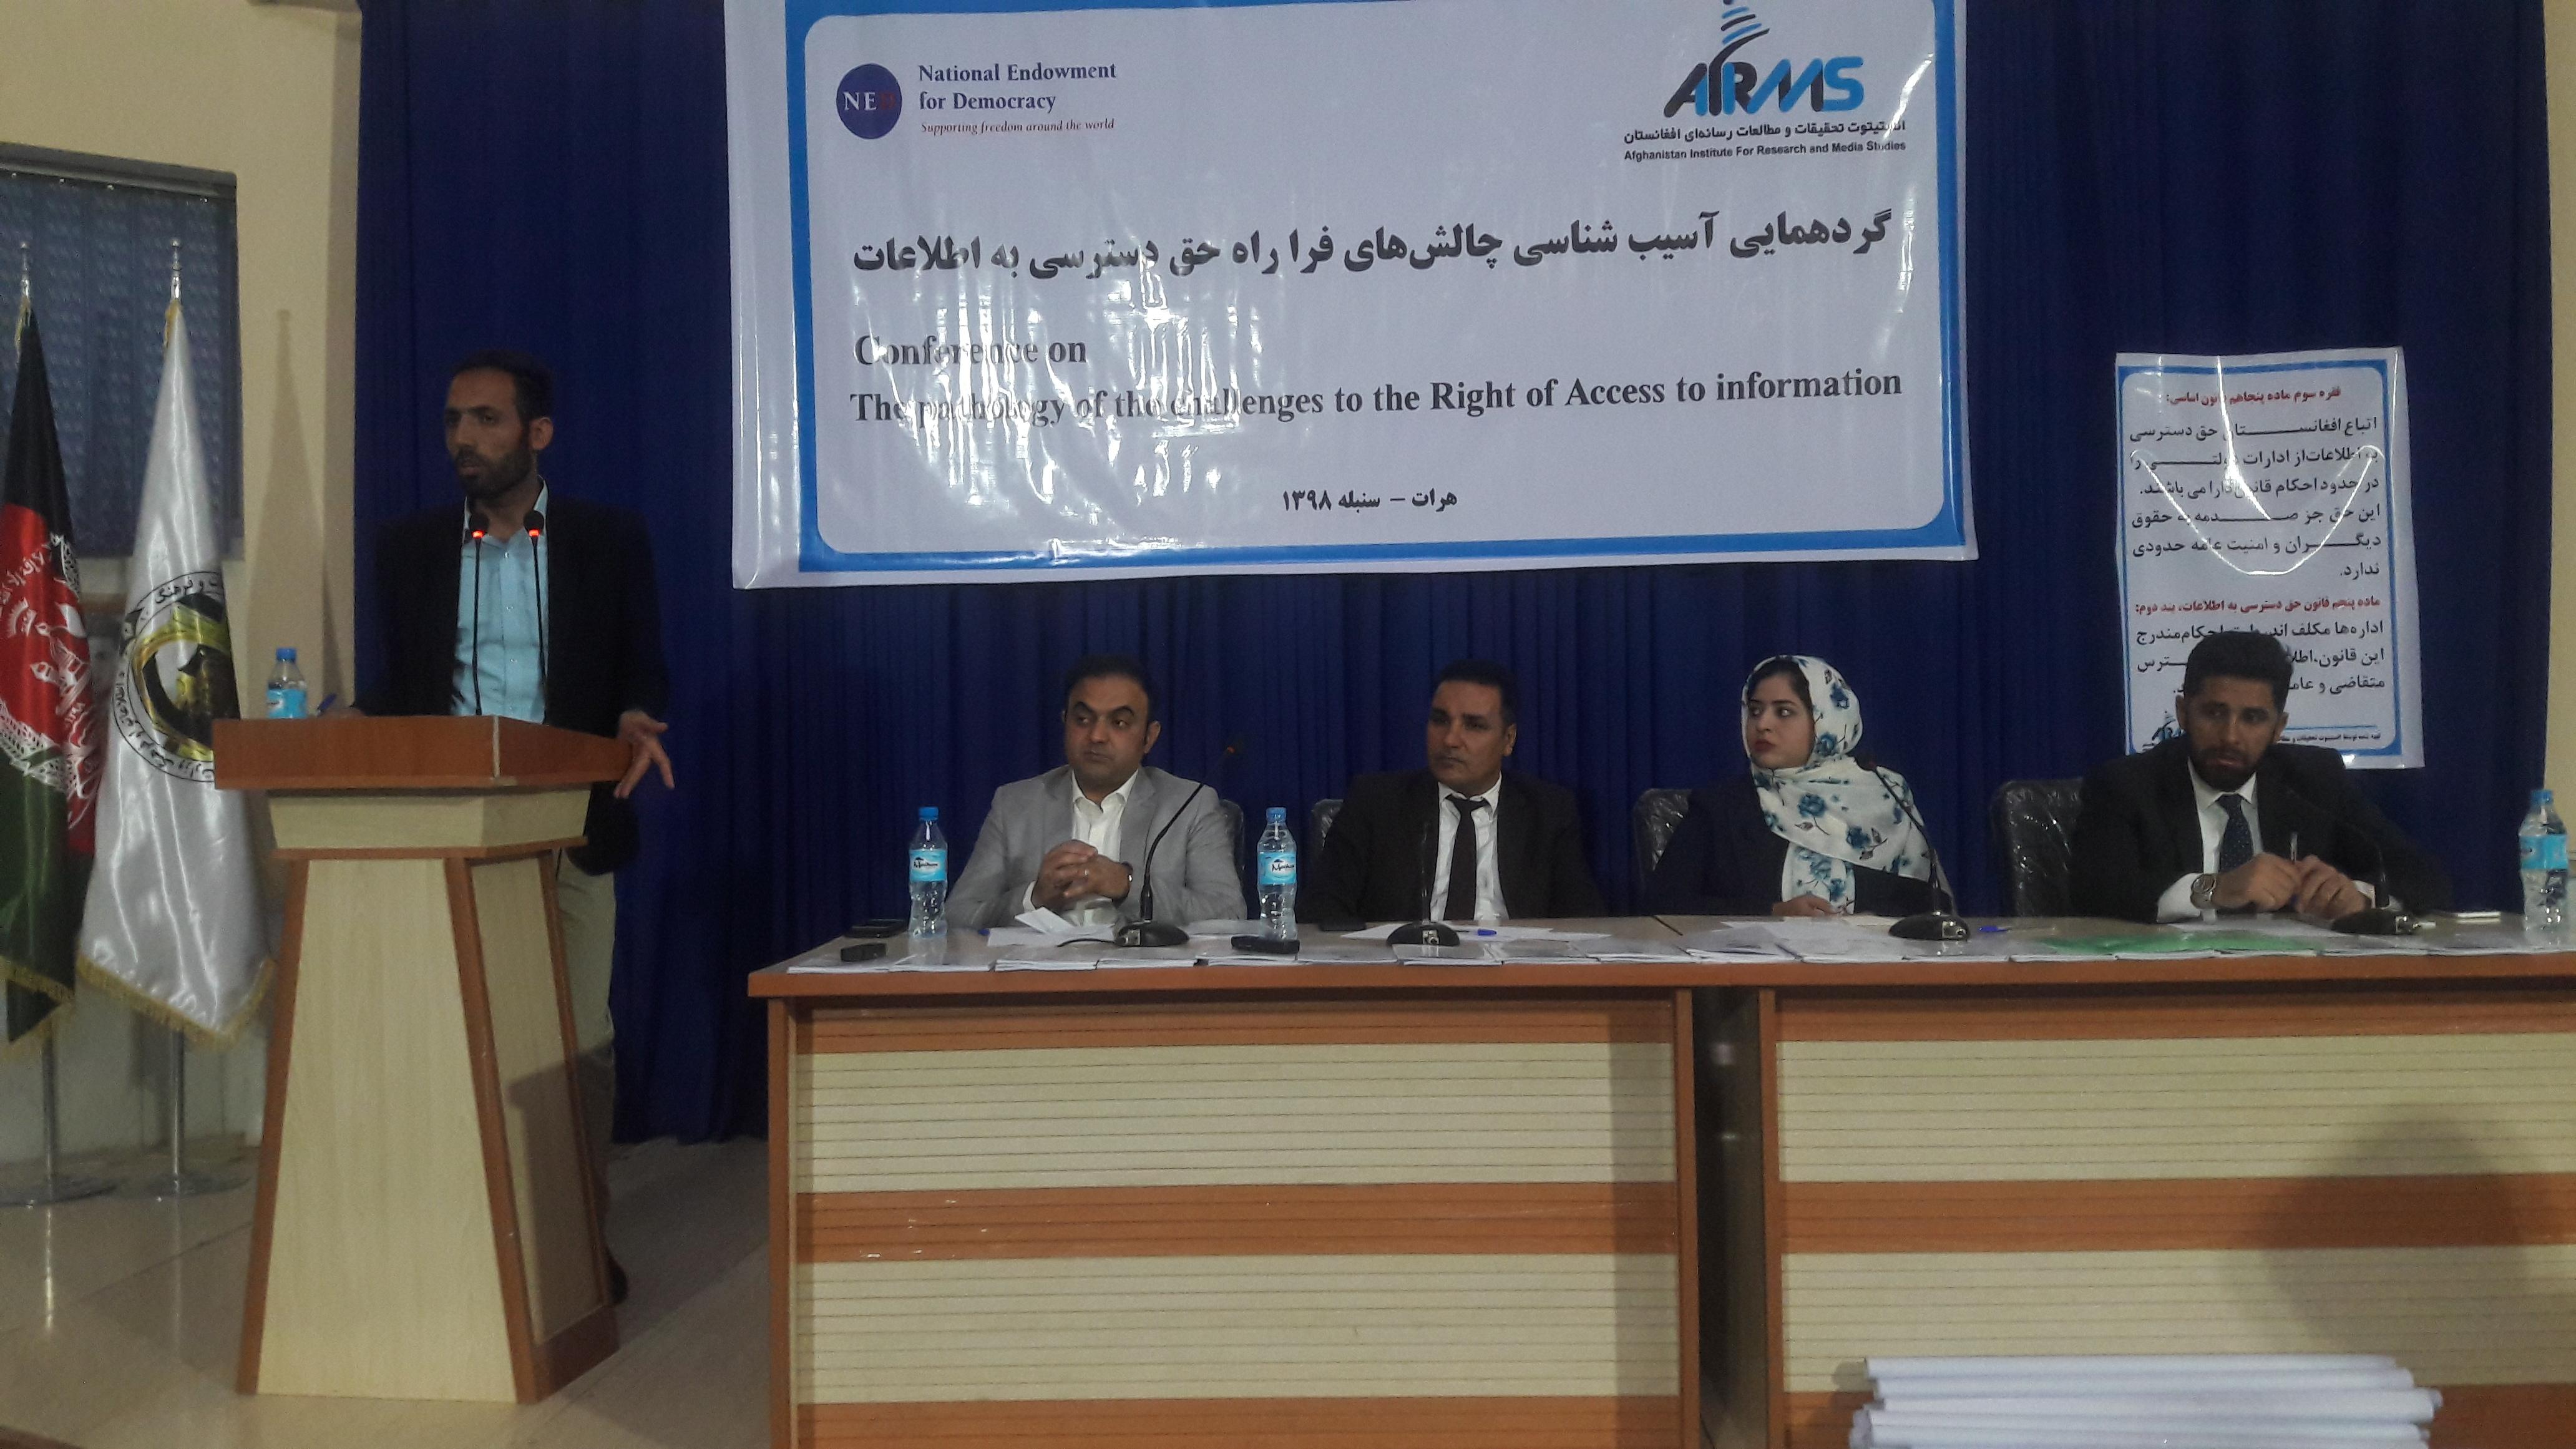 برنامه آسیب شناسی و چالشهای فرا راه حق دسترسی به اطلاعات در هرات برگزار شد